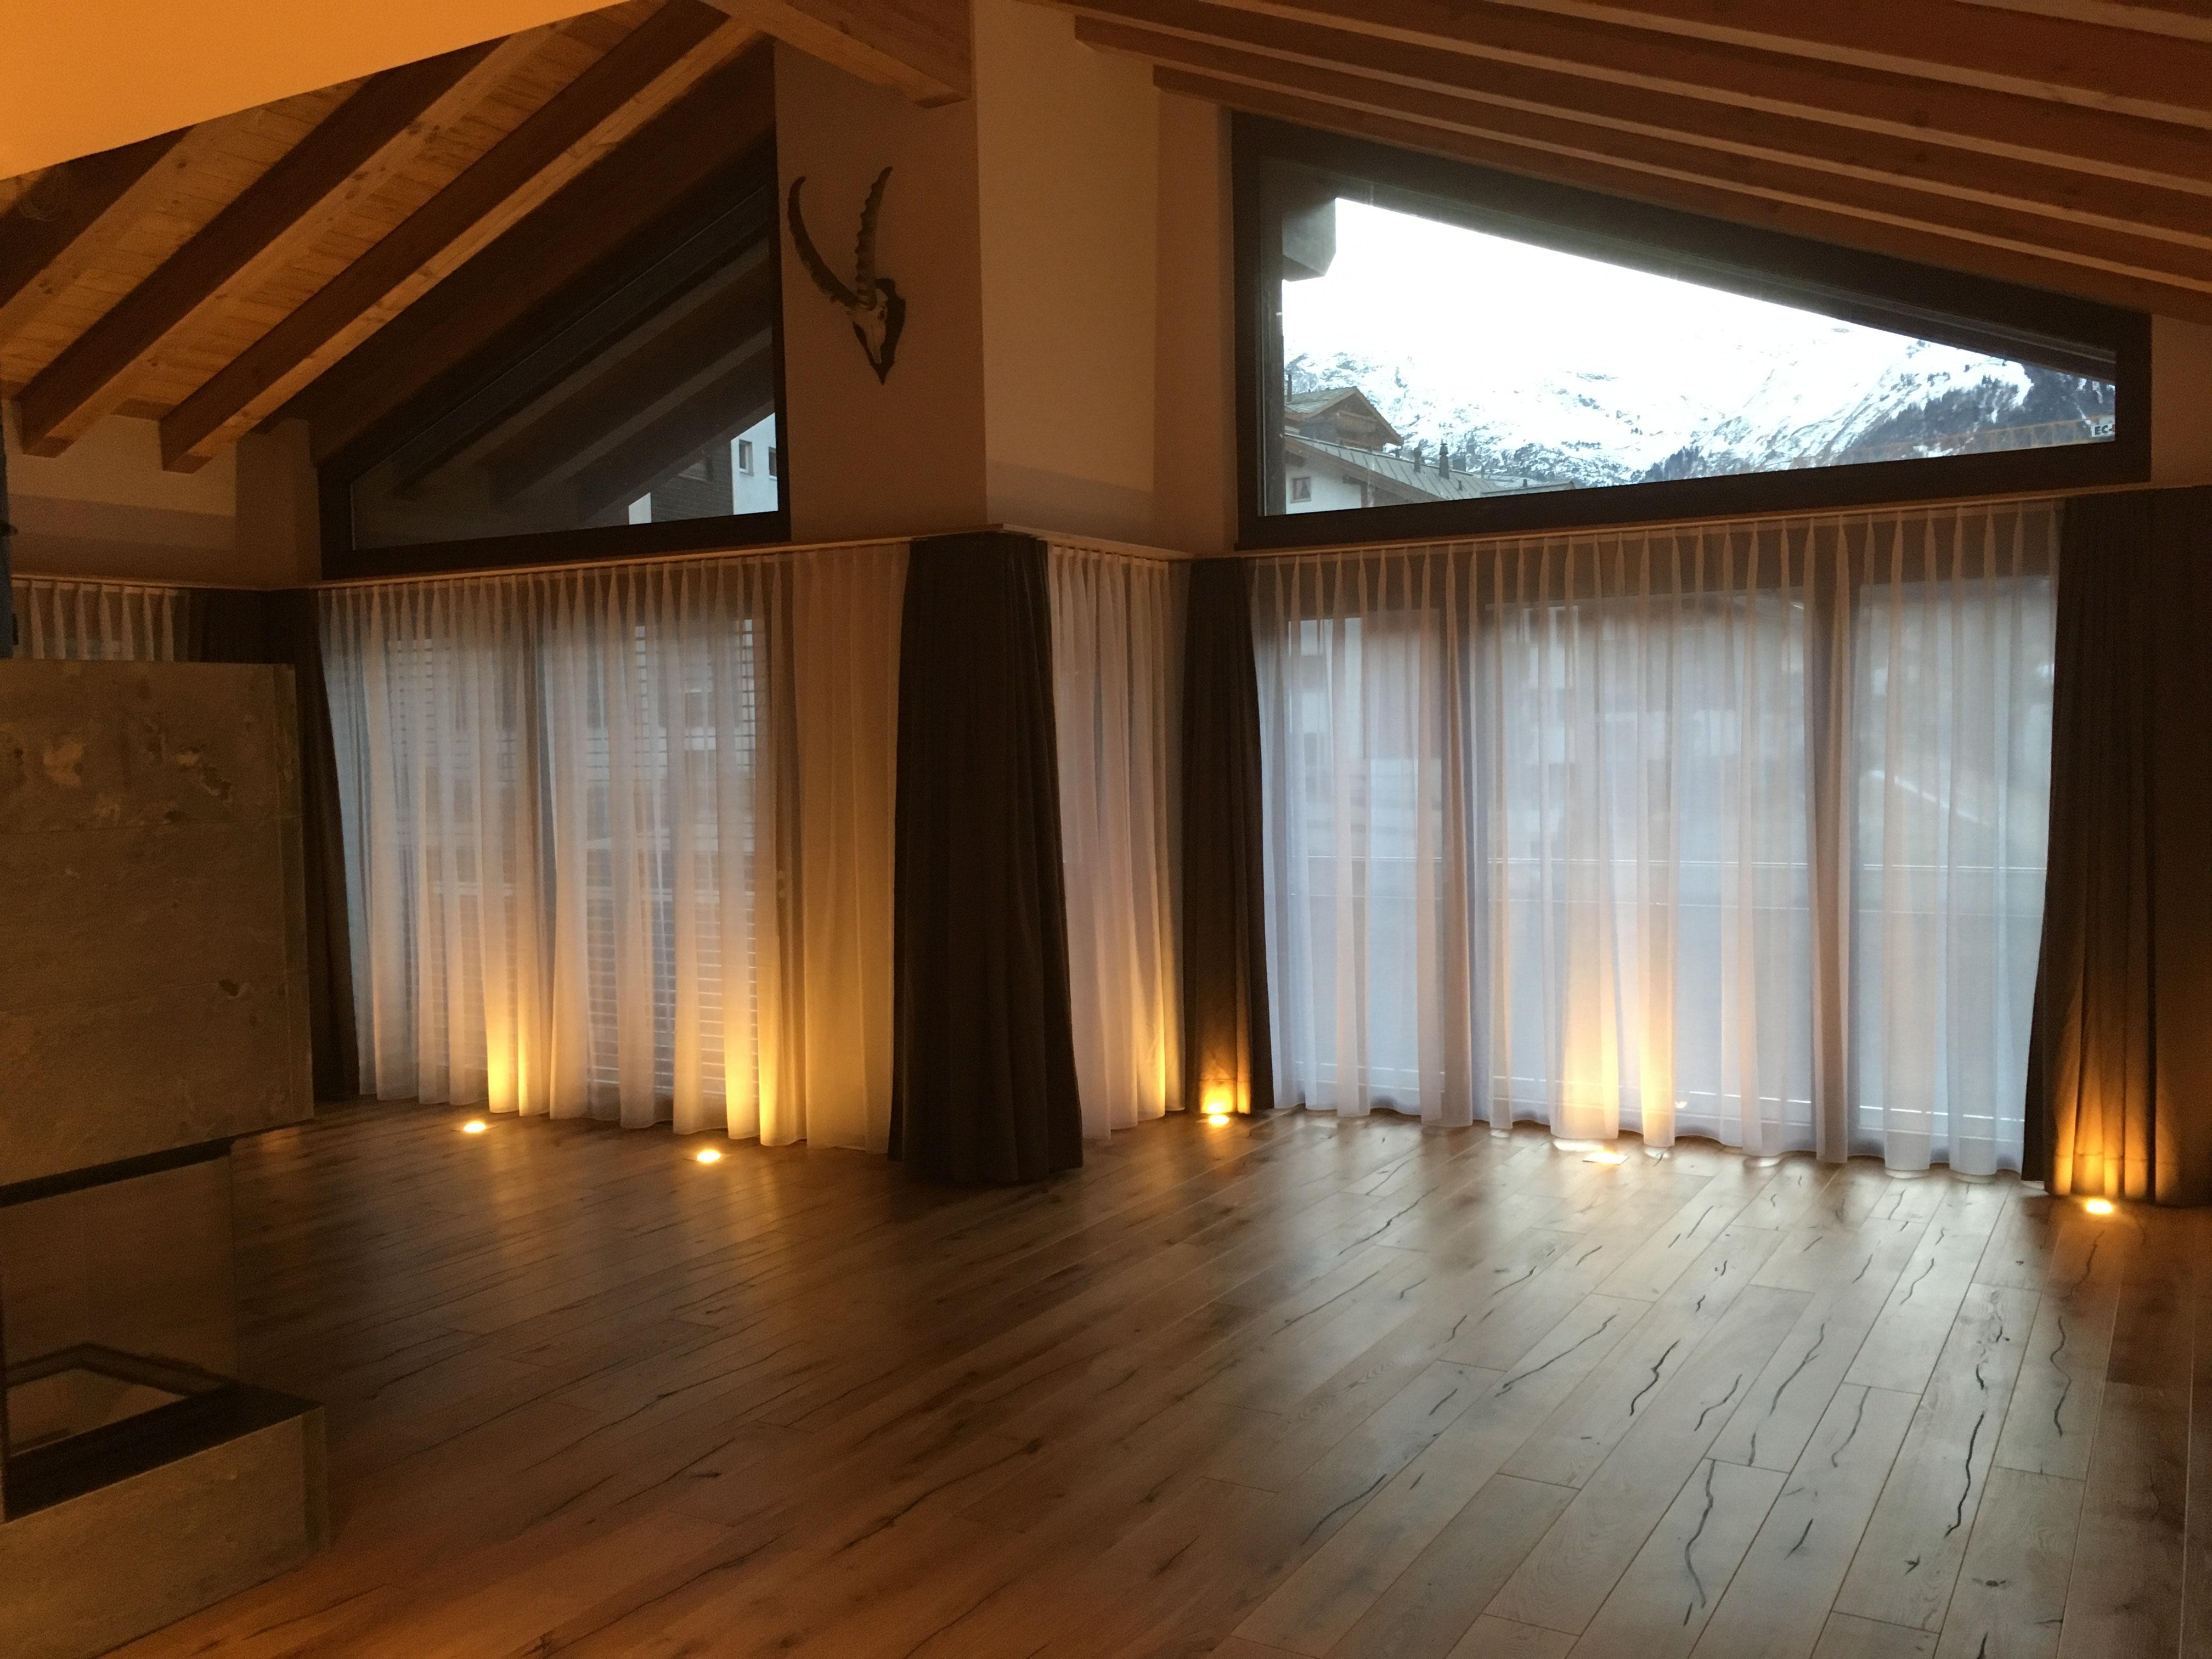 Parkett Möbelstoffe Zermatt - Bittel Innendekorationen AG